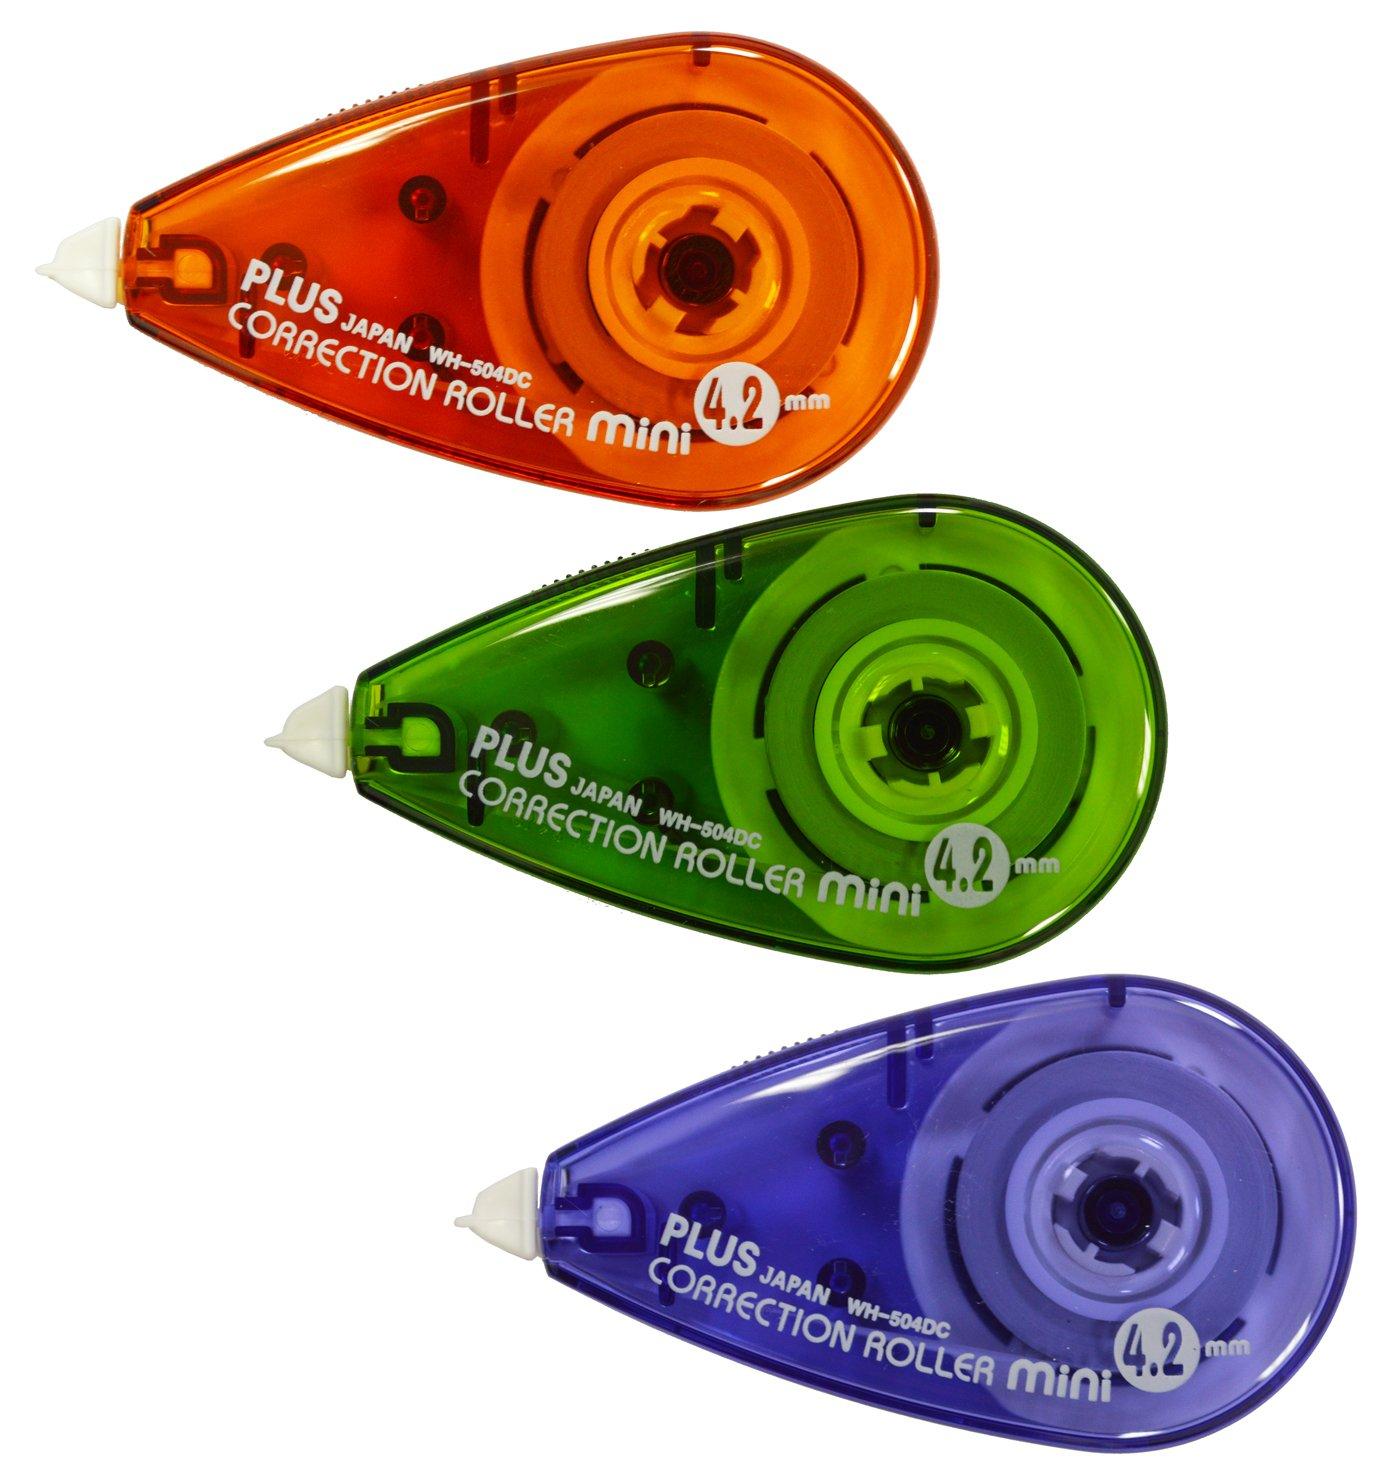 PLUS Japan correttore roller mini 2+1 gratis, 6 m x 4,2 mm Plus Europe GmbH WH-504DC-3P